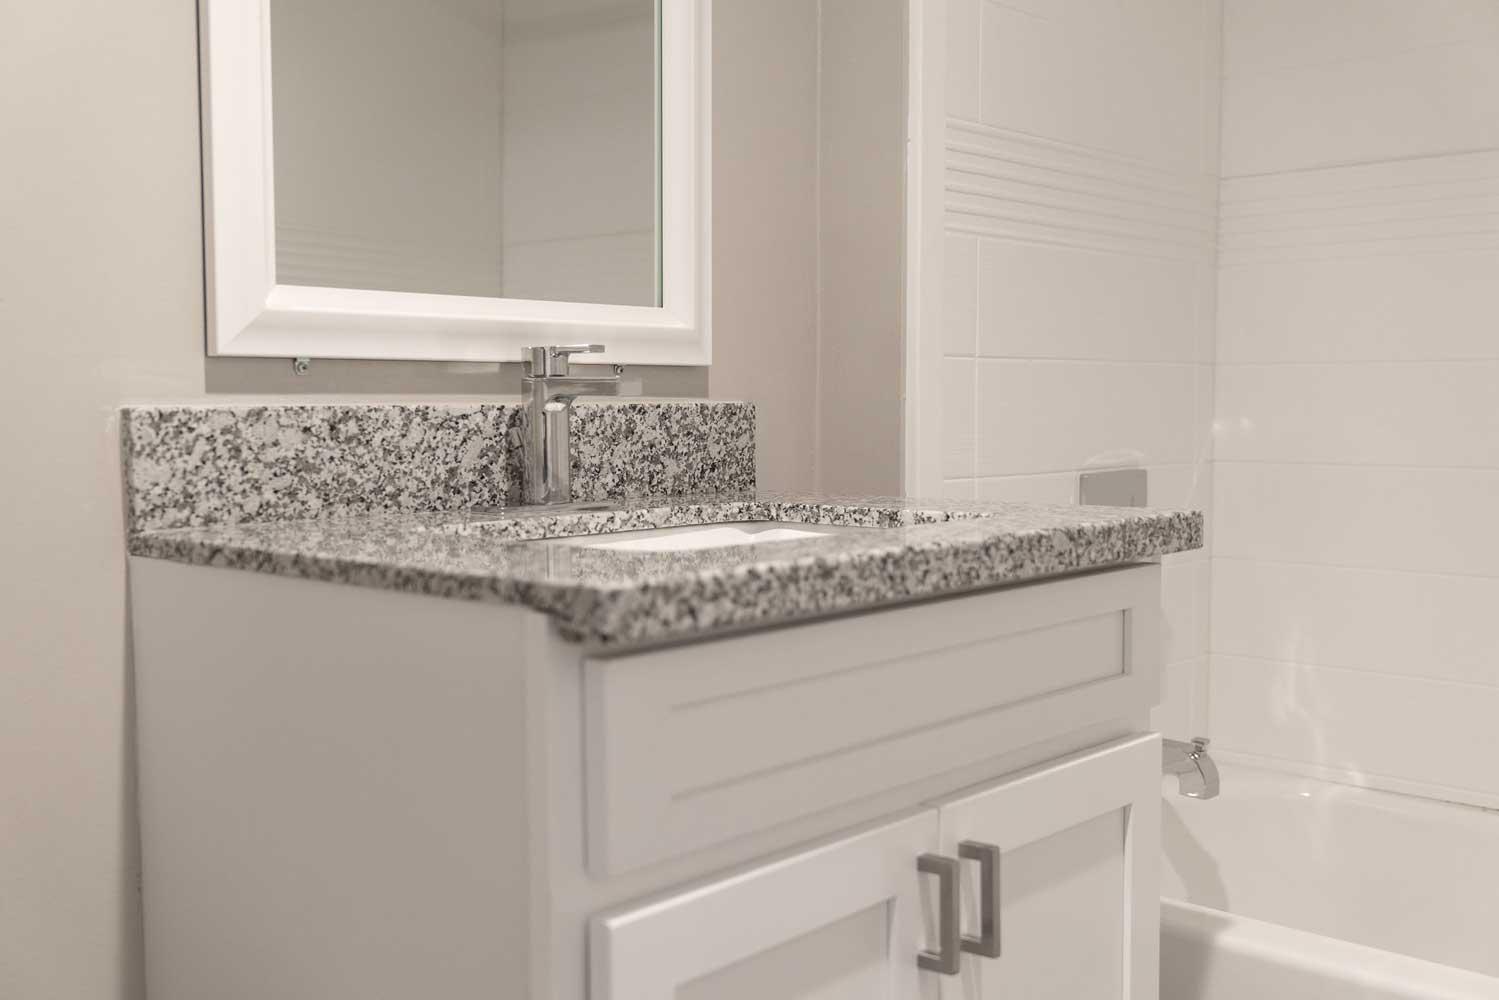 Granite Countertops in Select Homes at View at Kessler Park Apartments in Dallas, TX